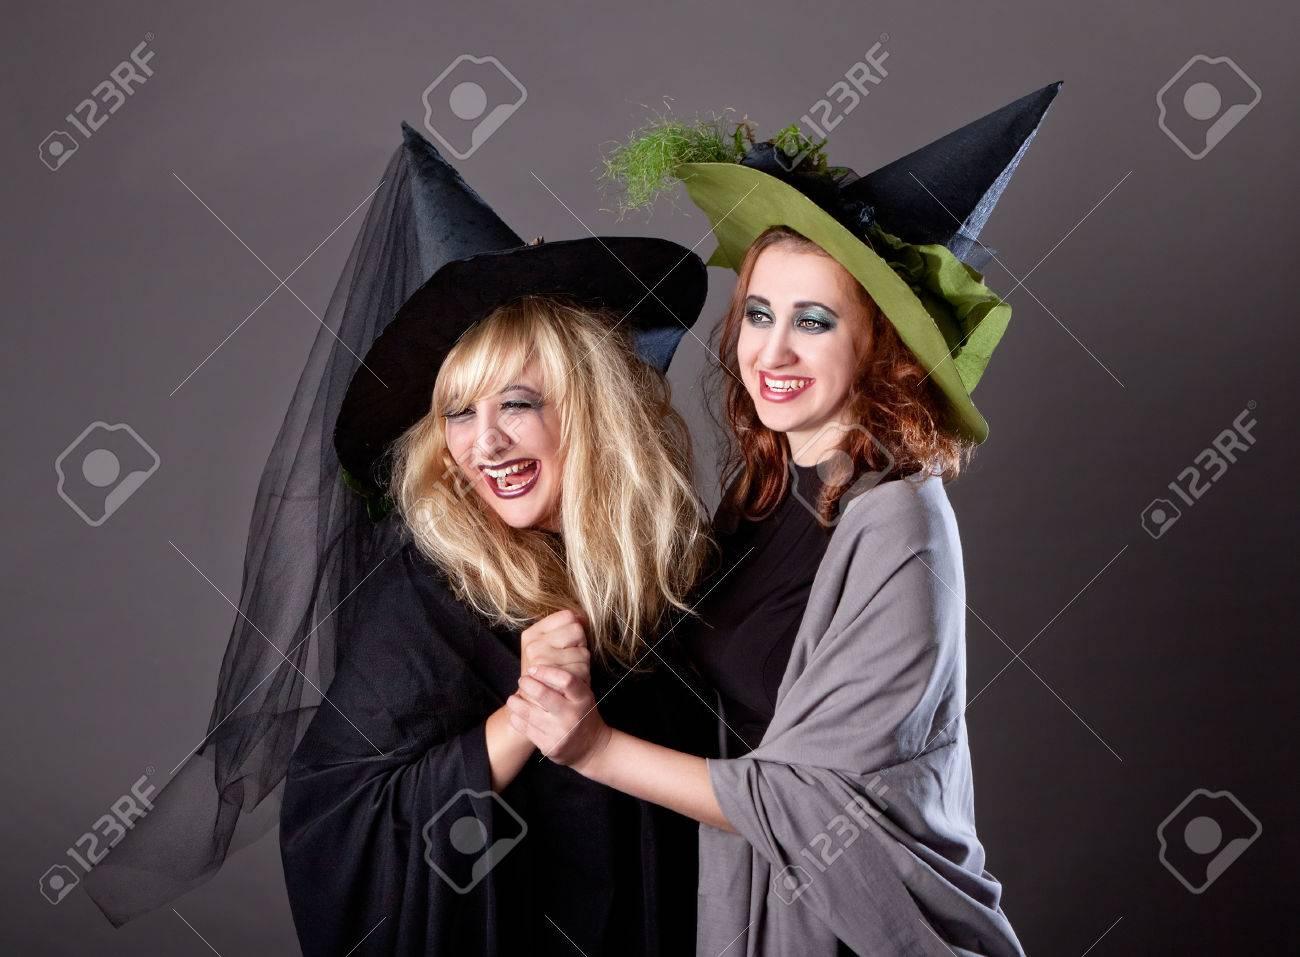 Zwei Mädchen Herumalbern Auf Einer Party An Halloween Als Hexen ...